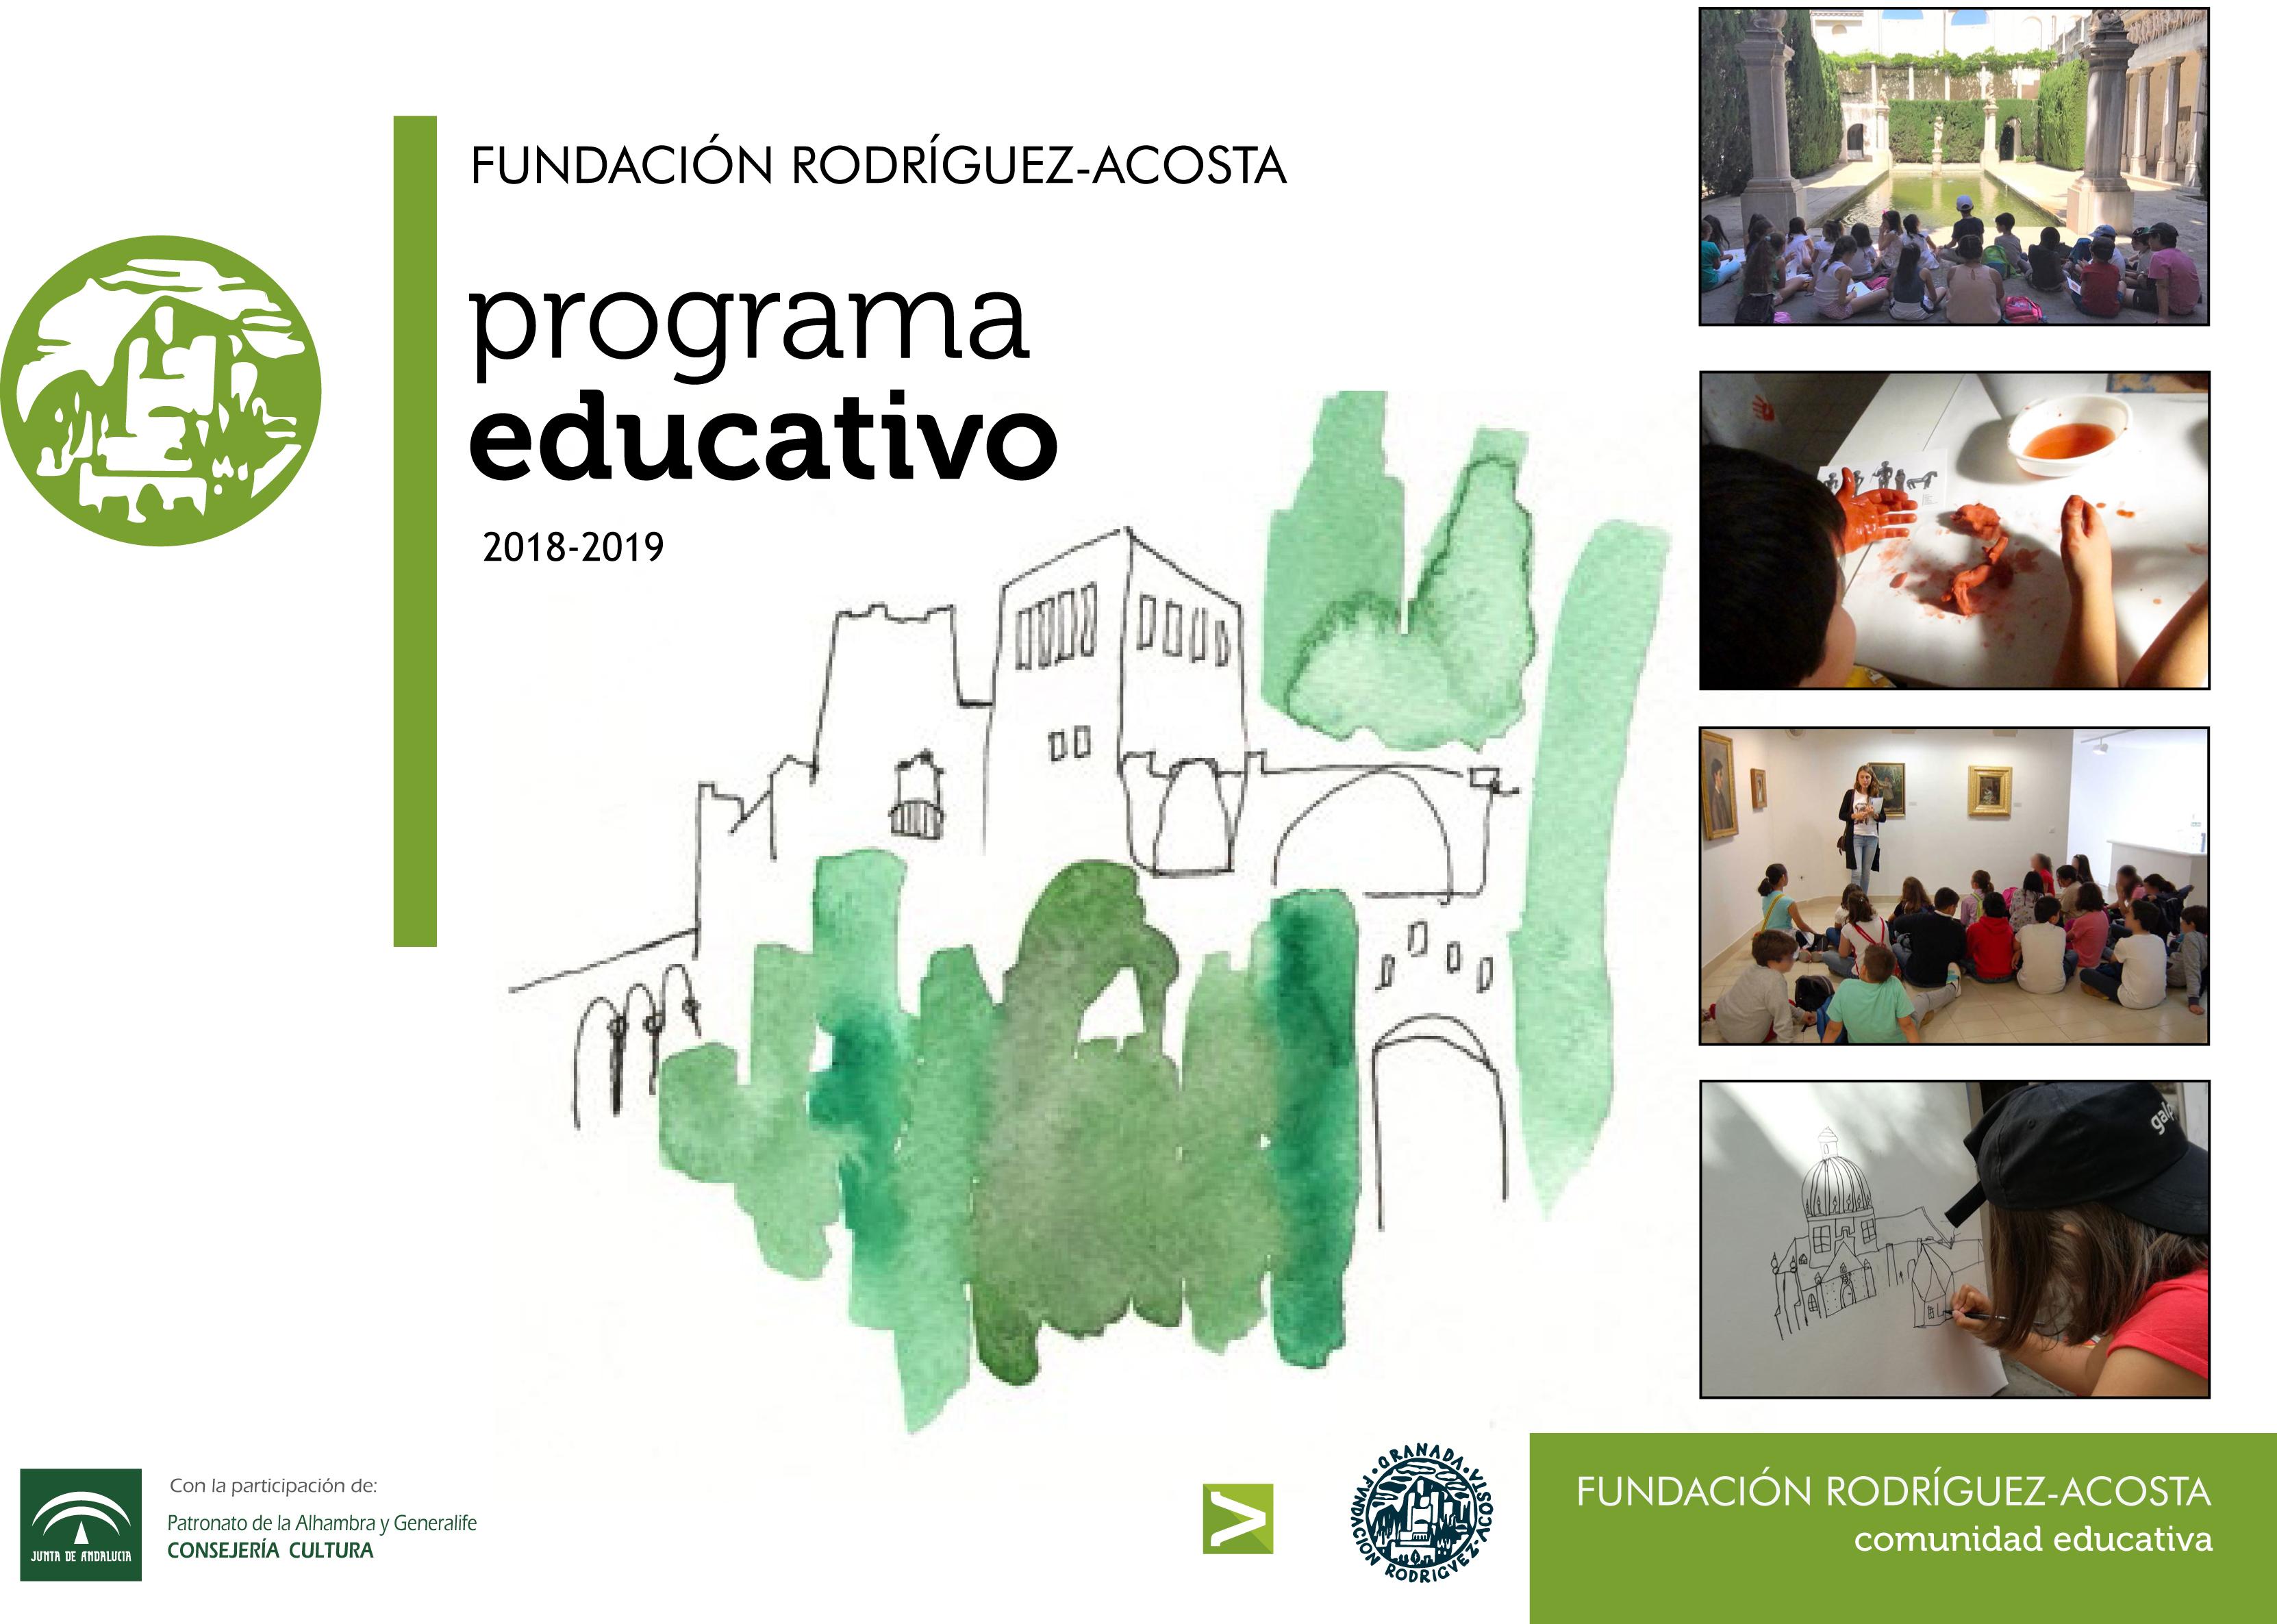 Programa Educativo_Fundación Rodríguez-Acosta 2018-19-1